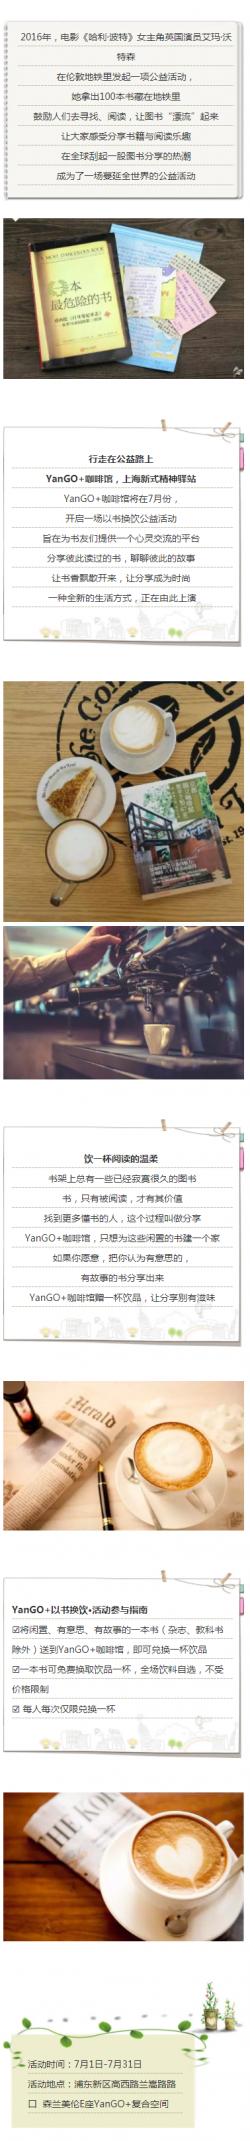 微信活动介绍 清新小资风格咖啡馆公众号文章模板